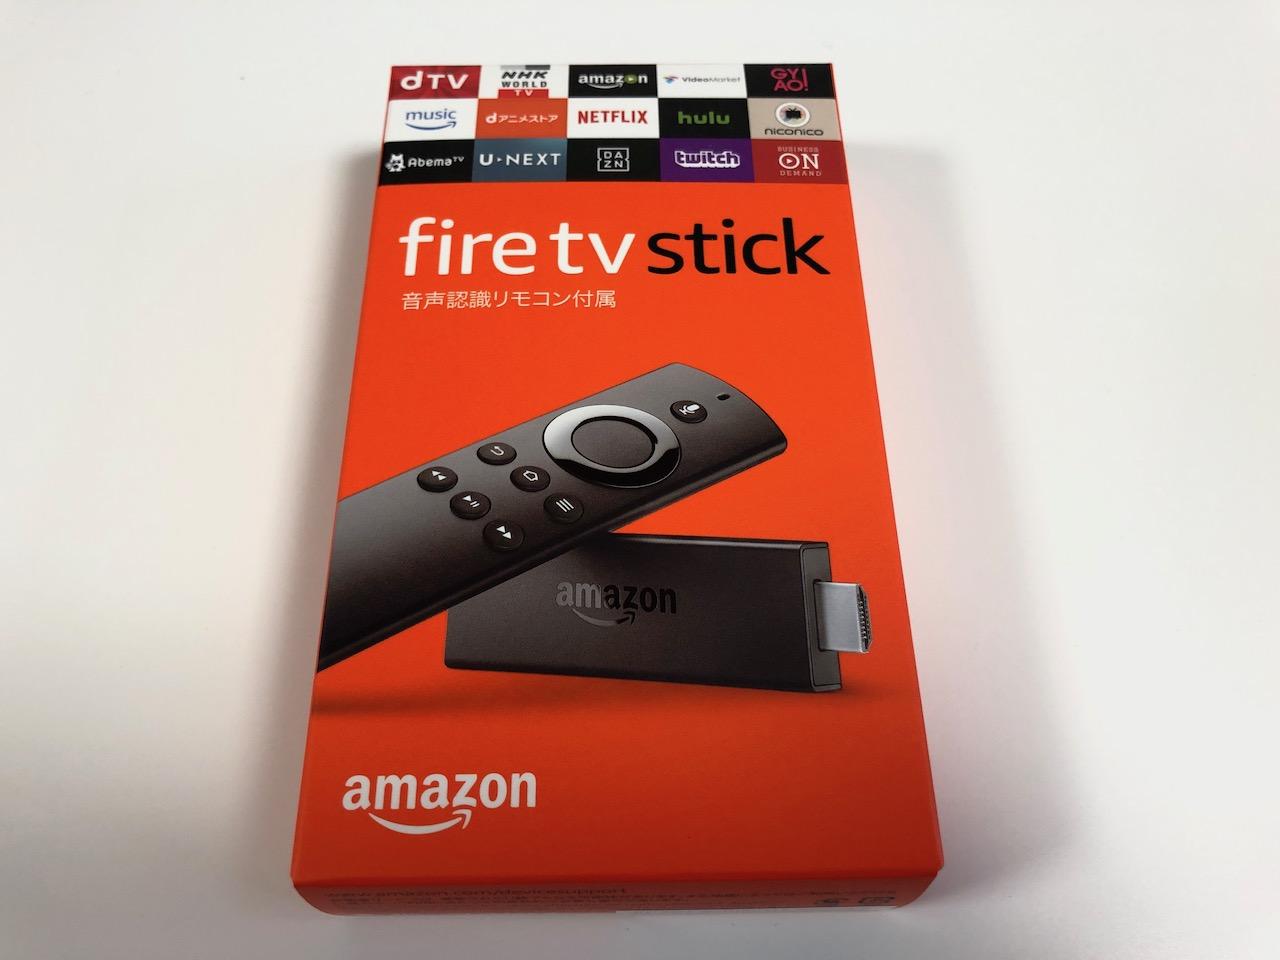 再びamazonのFireTV Stickを買ってしまった!年末年始はドキュメンタルと映画三昧で過ごす!